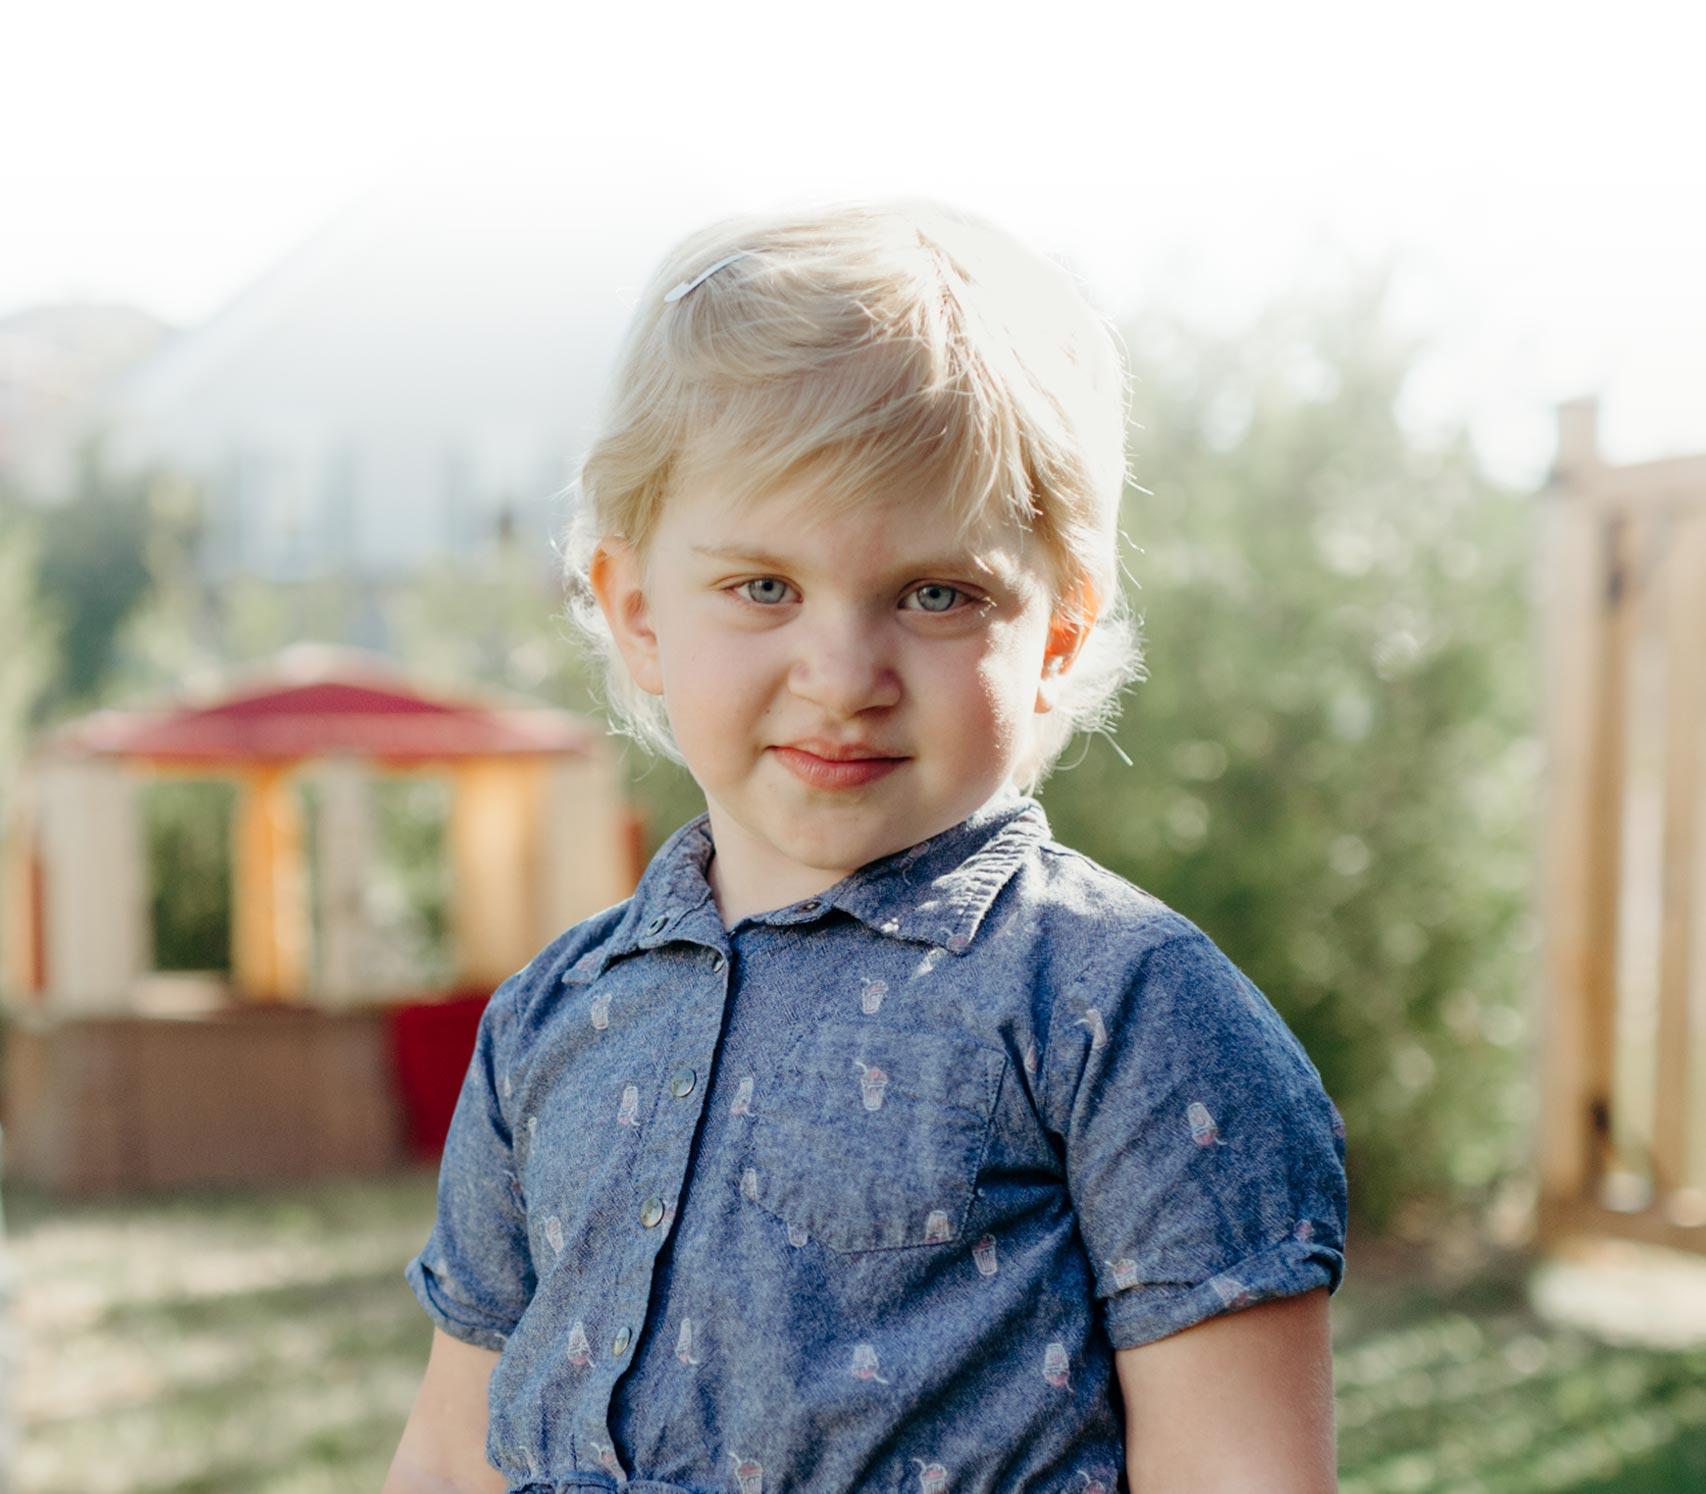 Lyana, une jeune patiente de 4 ans s'amuse dans un décor estival.